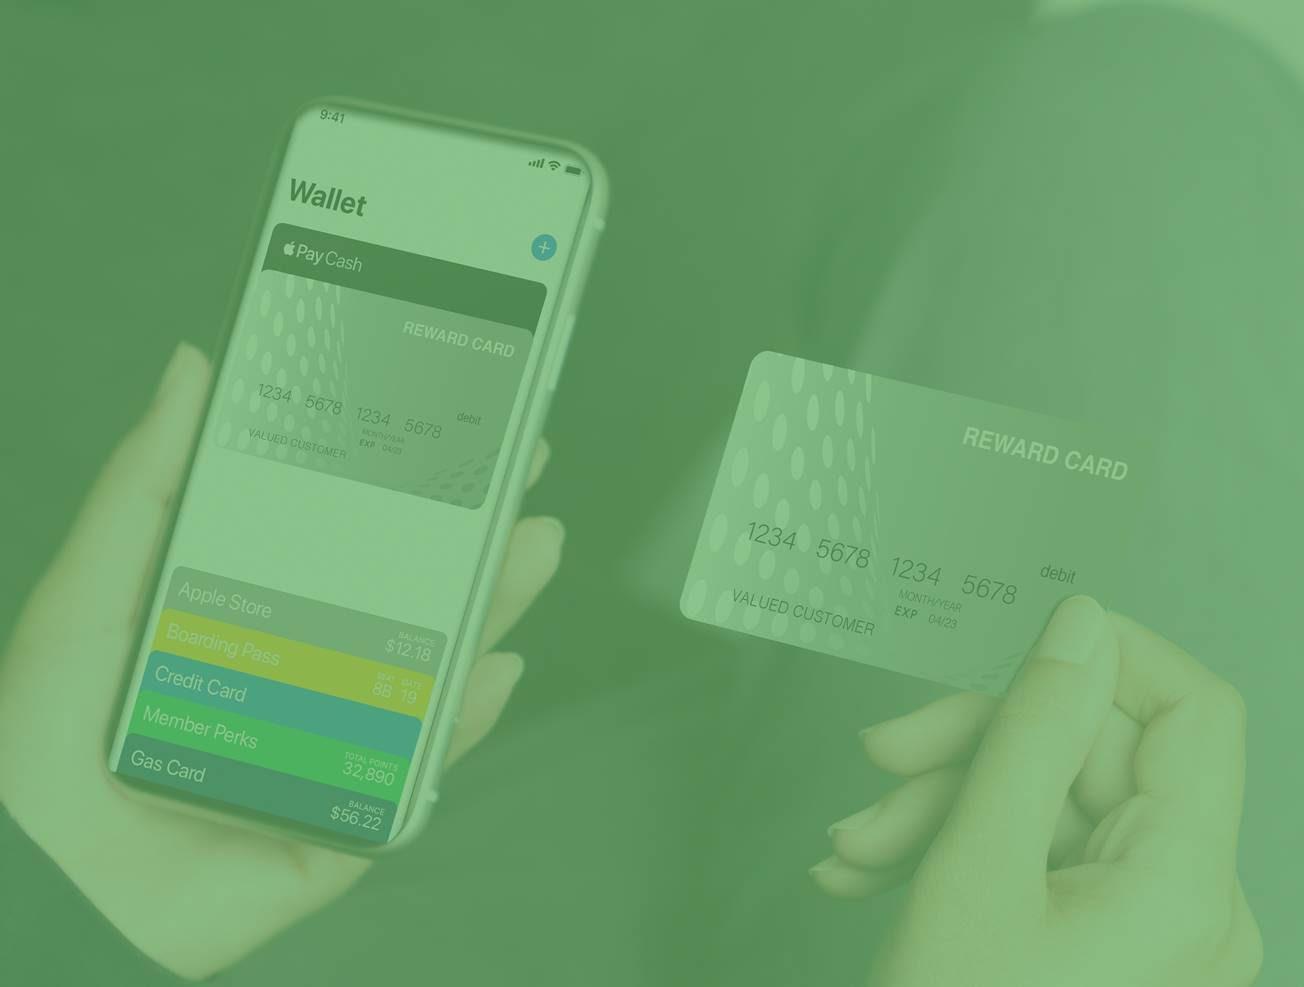 Nahaufnahme der linken Hand einer Frau, die ein Smartphone hält. Ihr mobiles Portemonnaie zeigt, dass sie gerade die Mastercard Prepaid-Karte in der rechten Hand hinzugefügt hat.